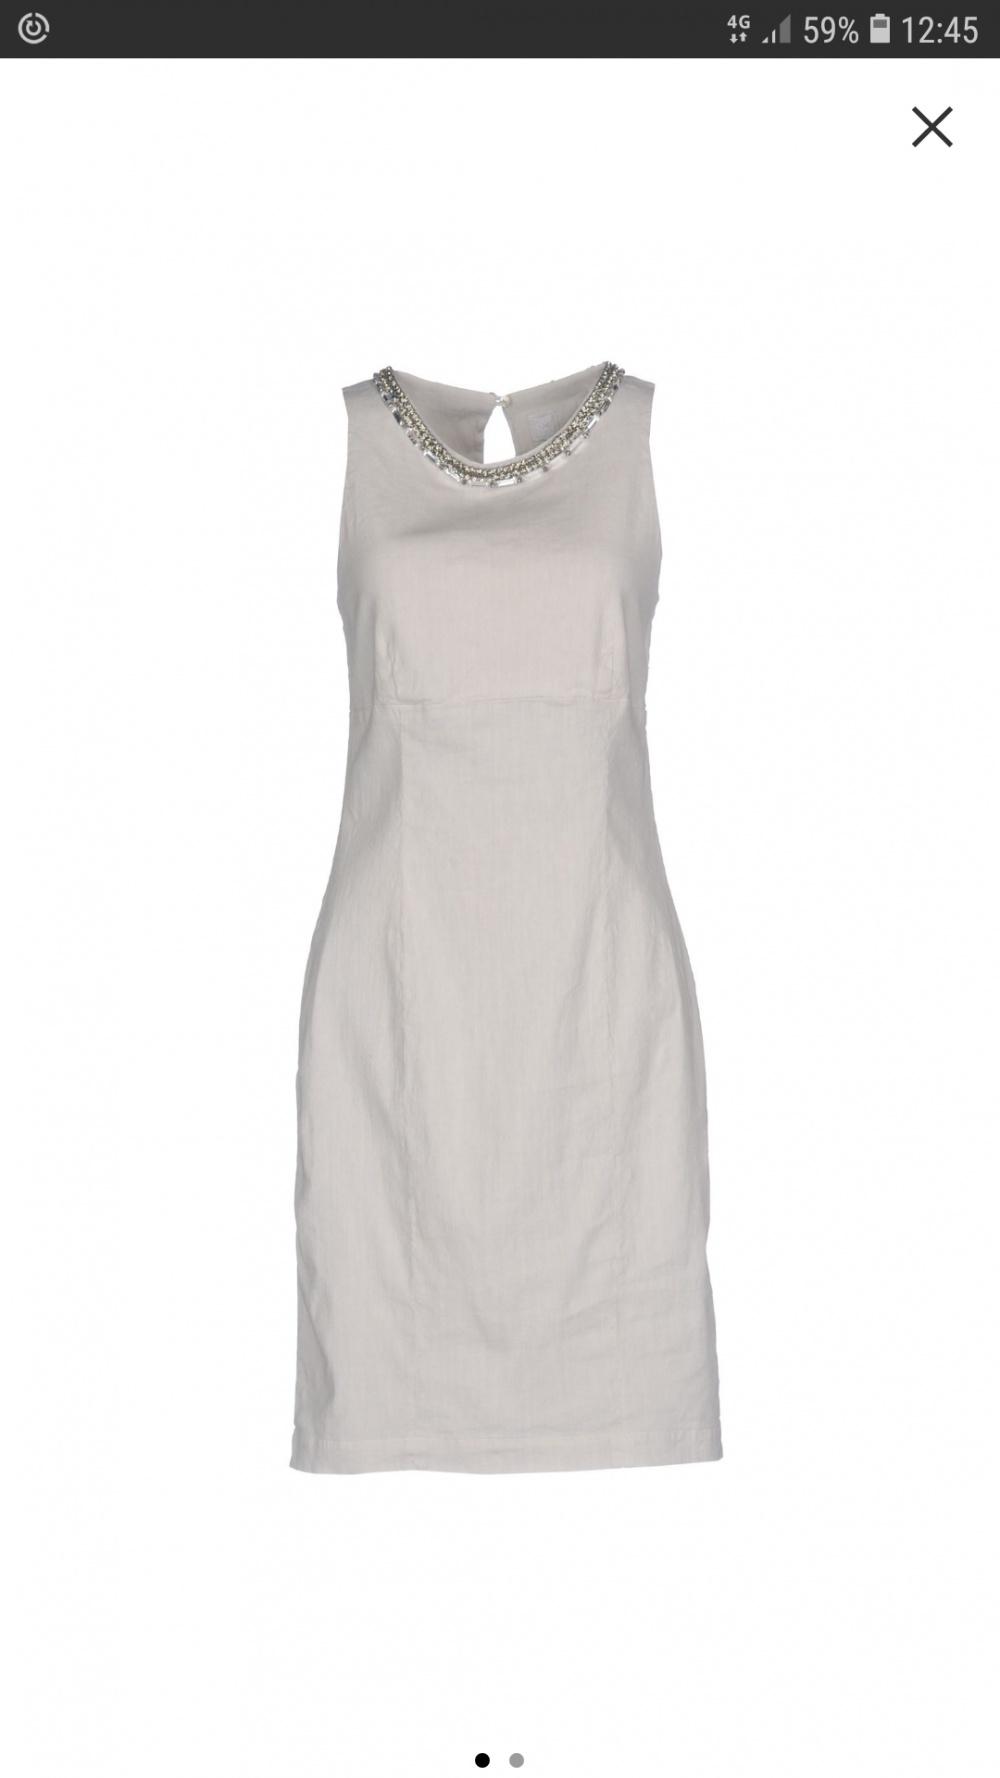 Новое платье итальянской фирмы 120%. Размер 44.